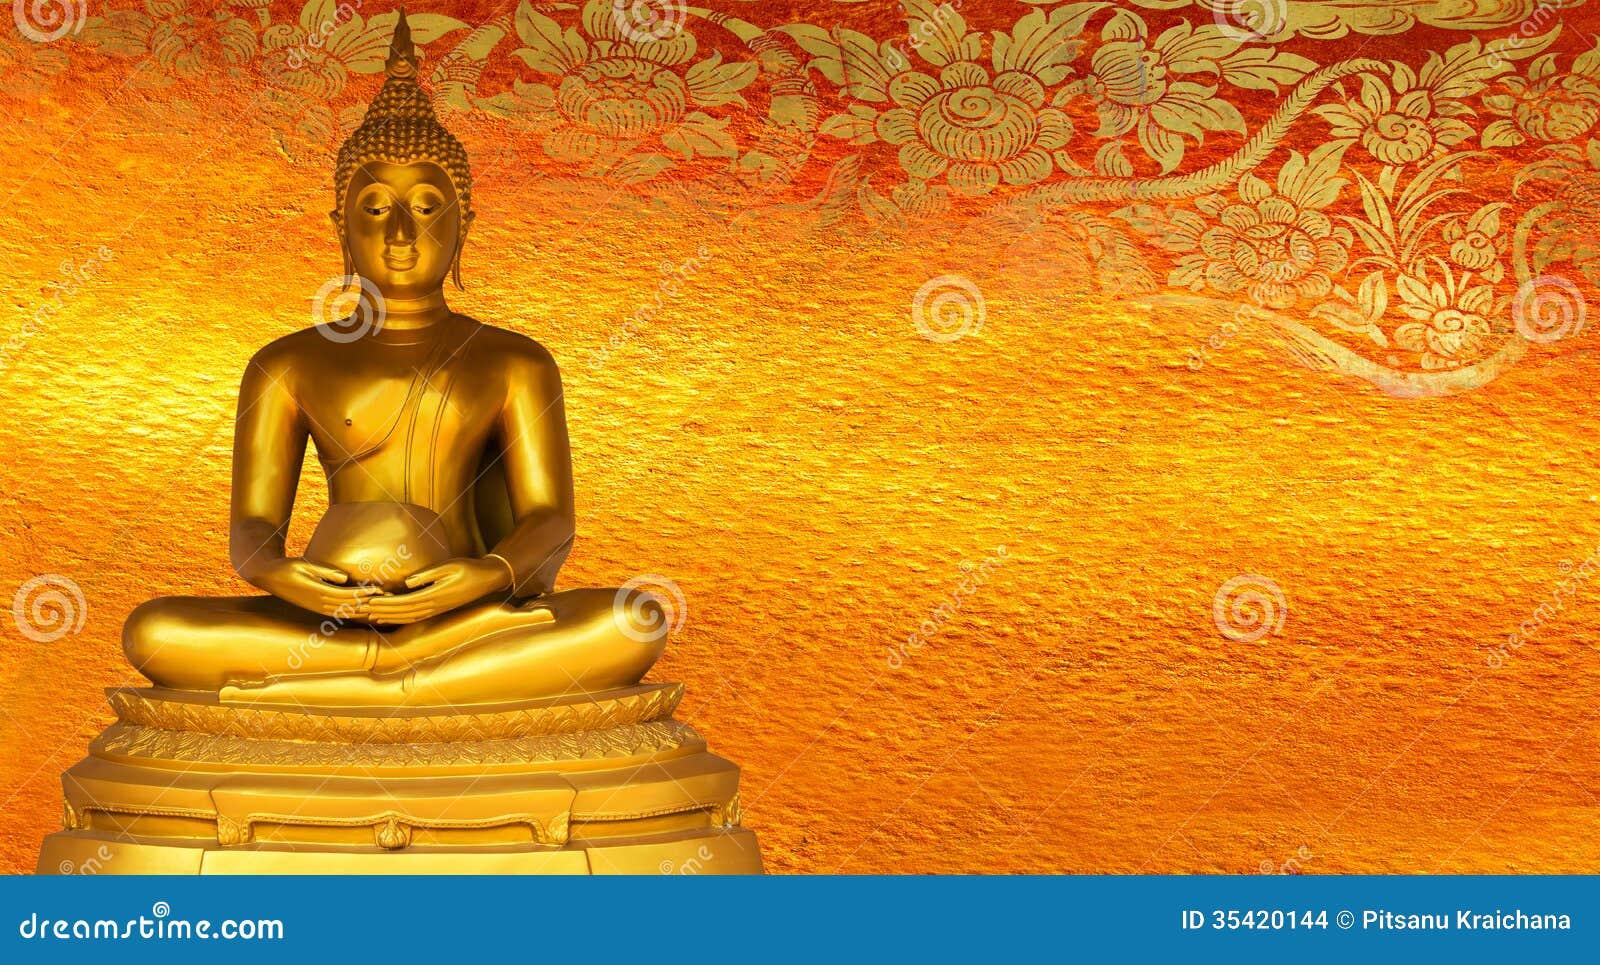 buddha gold statue golden background patterns thailand 35420144